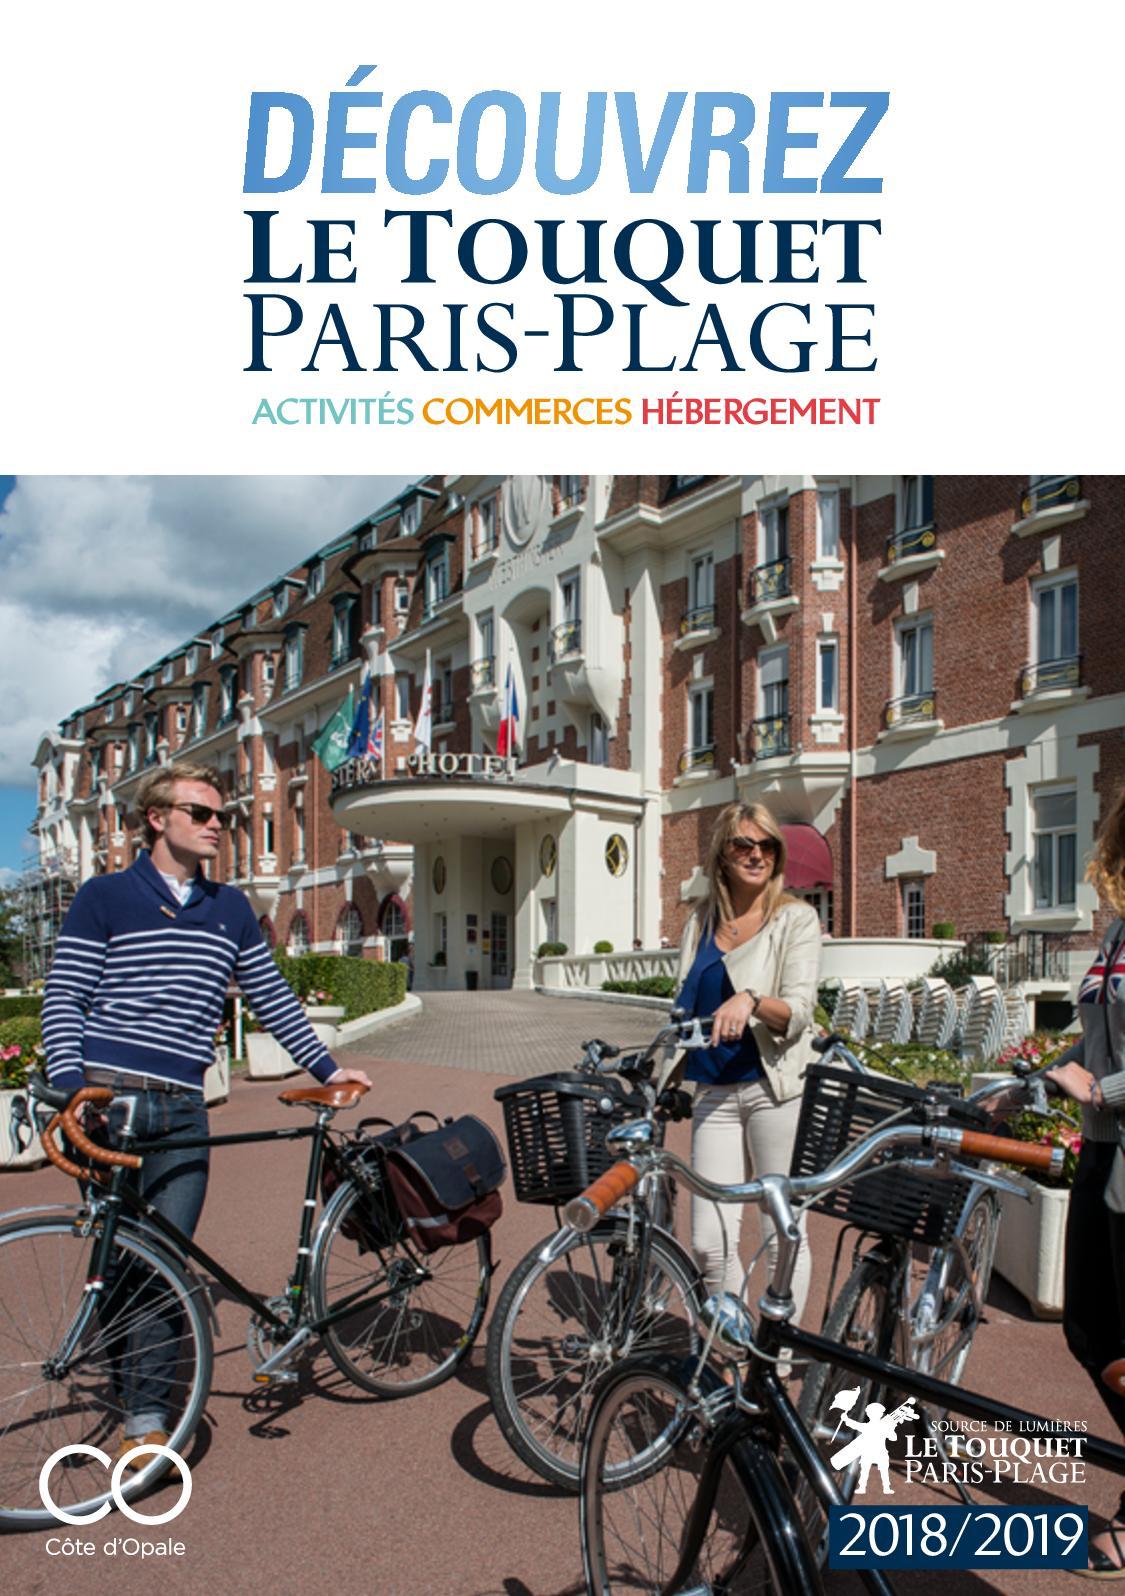 Calam o decouvrez le touquet paris plage 2018 - Office du tourisme le touquet paris plage ...